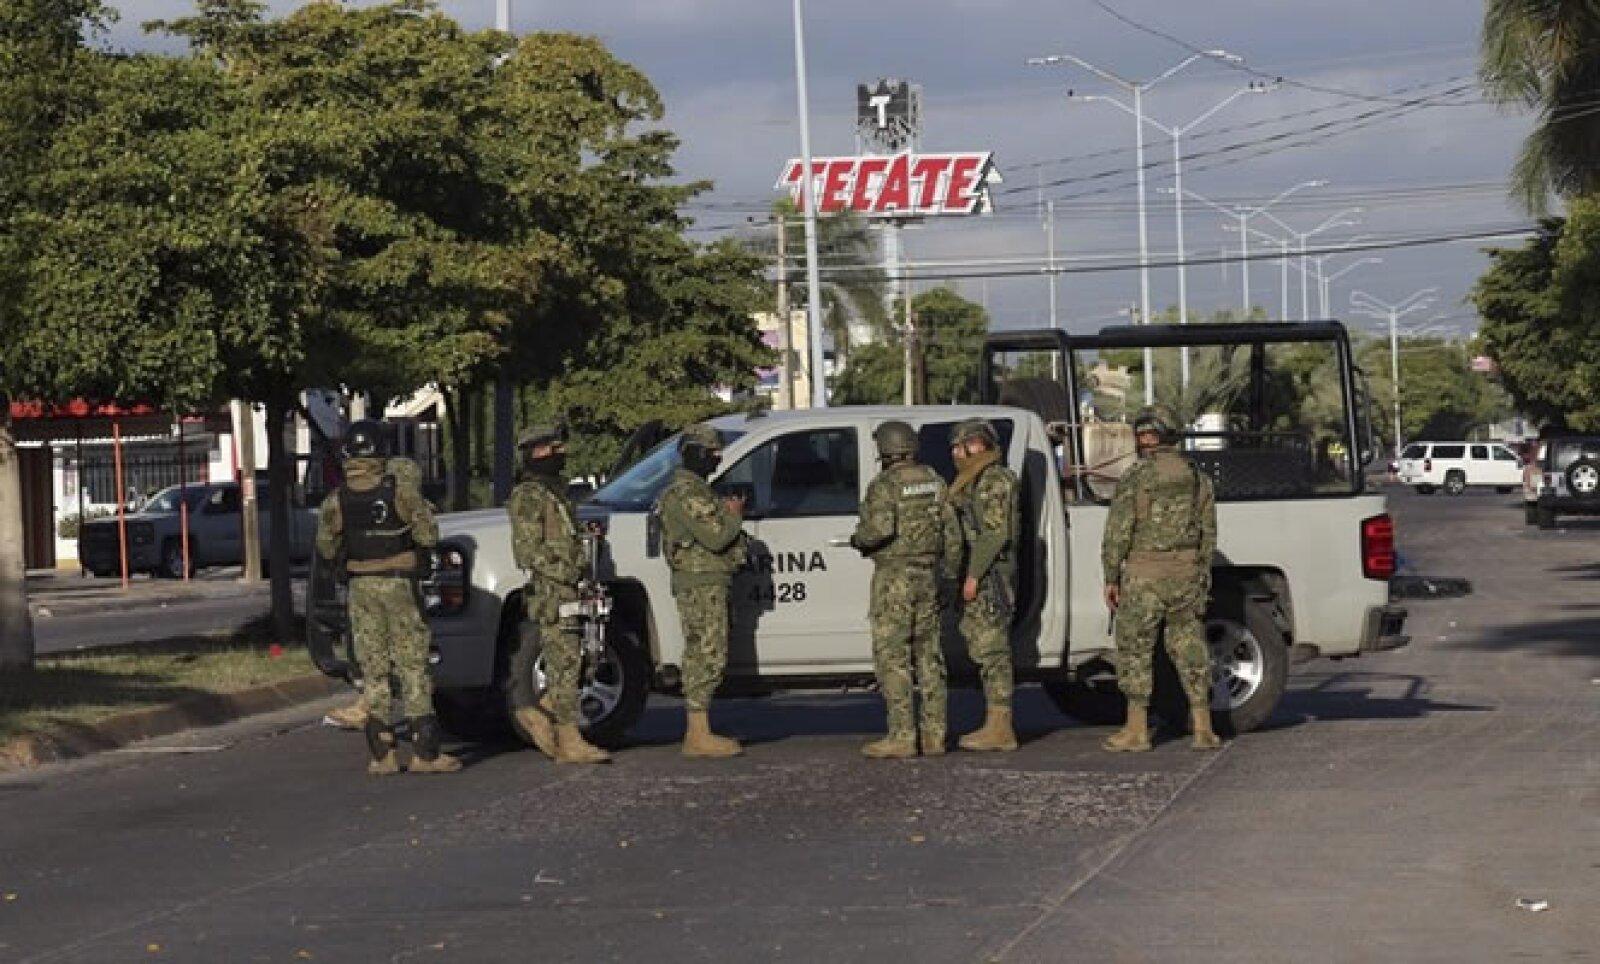 La operación donde se aprehendió a Guzmán Loera tuvo lugar cerca de las 4:30 horas, cuando se desató un enfrentamiento que dejó a cinco narcotraficantes muertos y a seis detenidos, dijo la Marina de México.